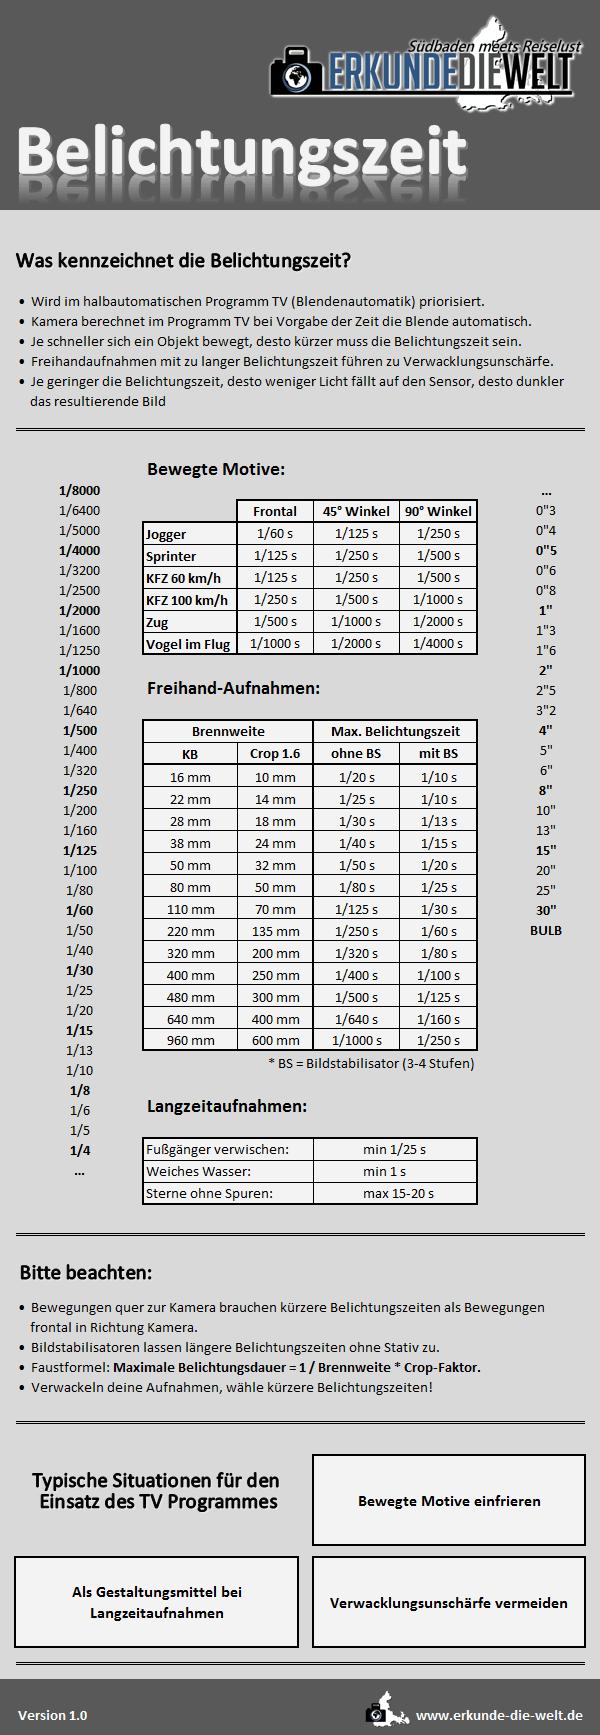 belichtungszeit-verschlusszeit-tv-programm-cheat-sheet